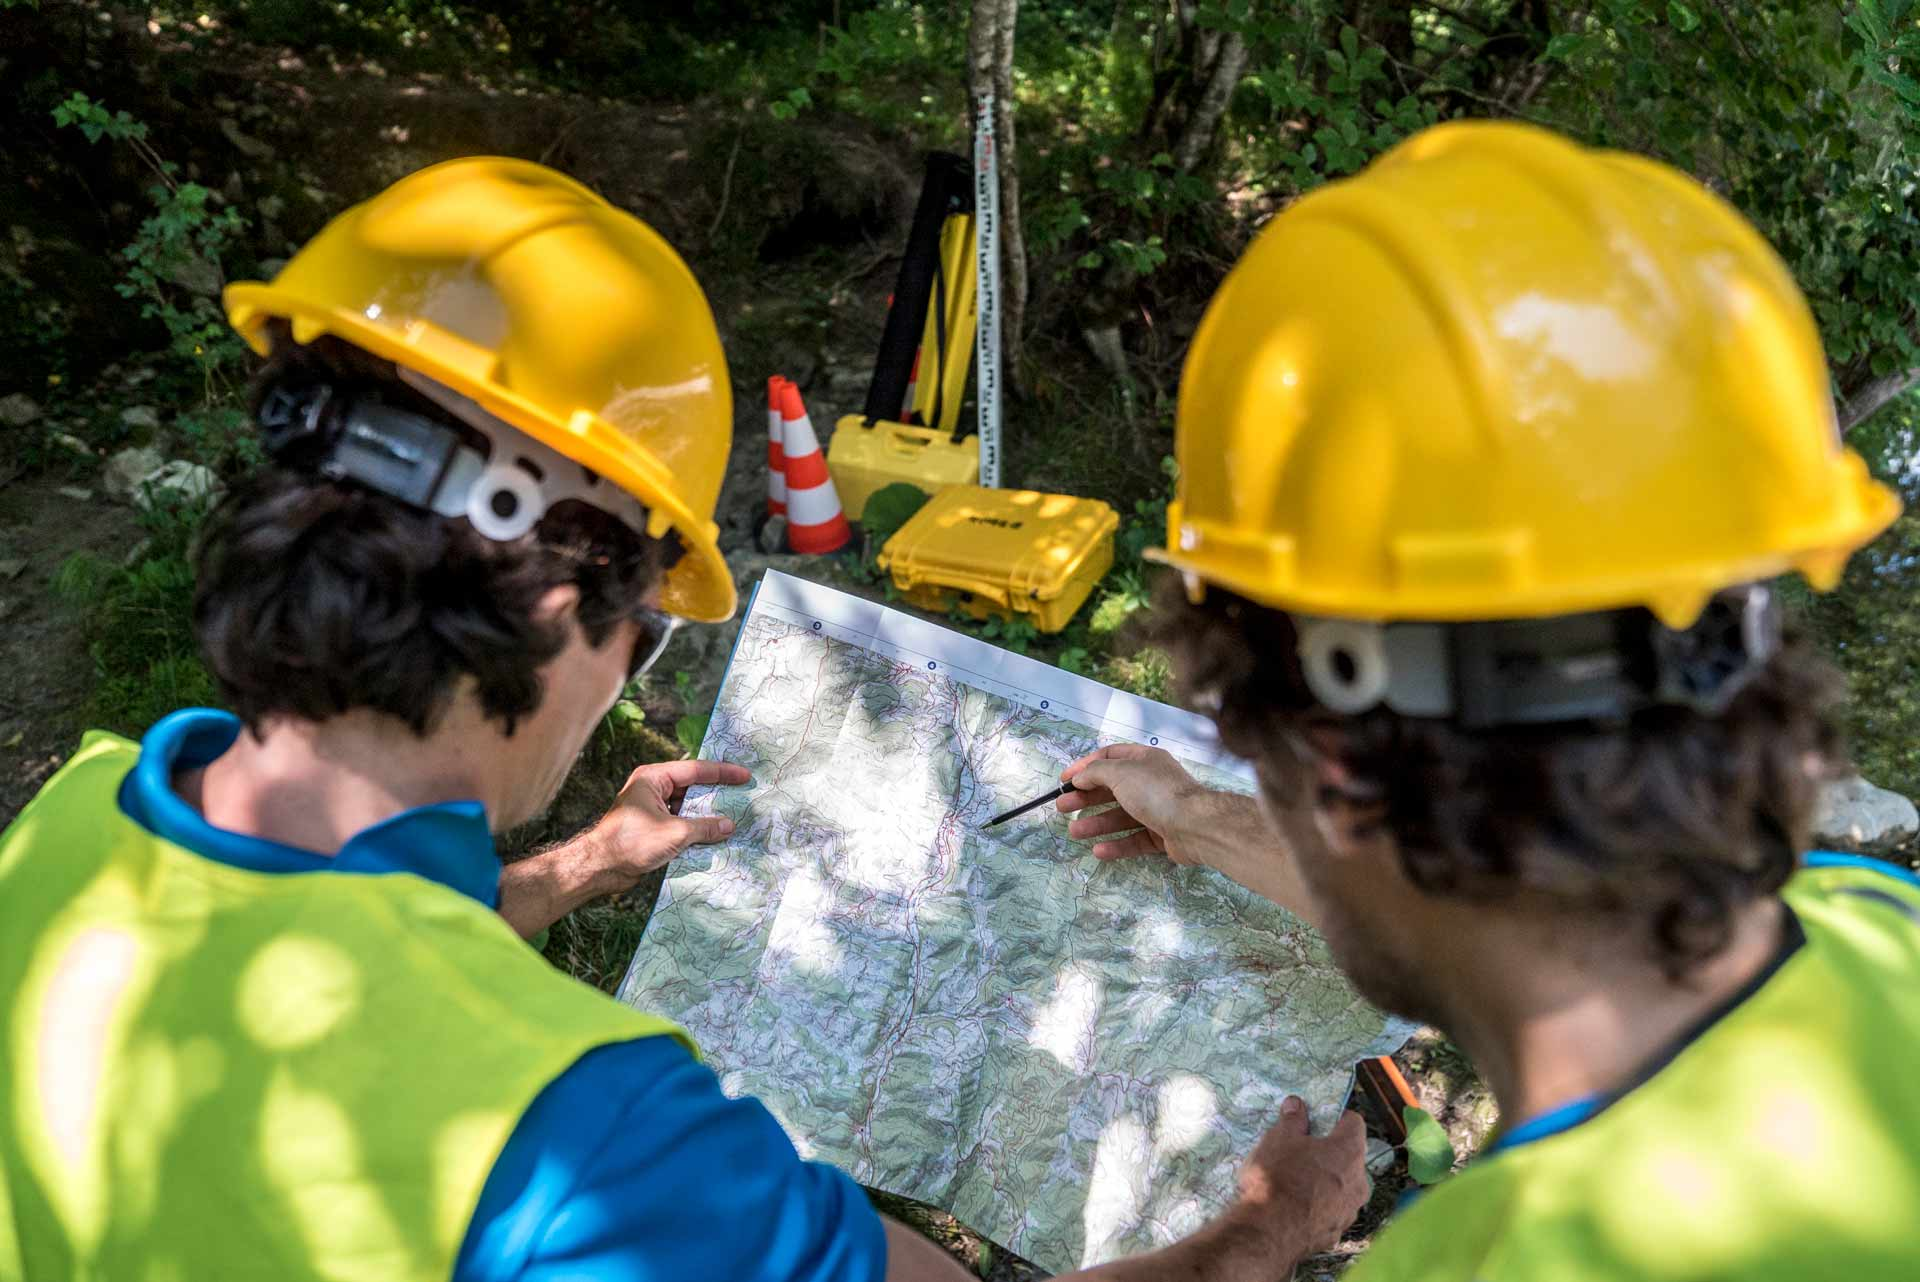 casque et cônes de chantier : matériel indispensable à la sécurité au sein de l'entreprise (MASE)